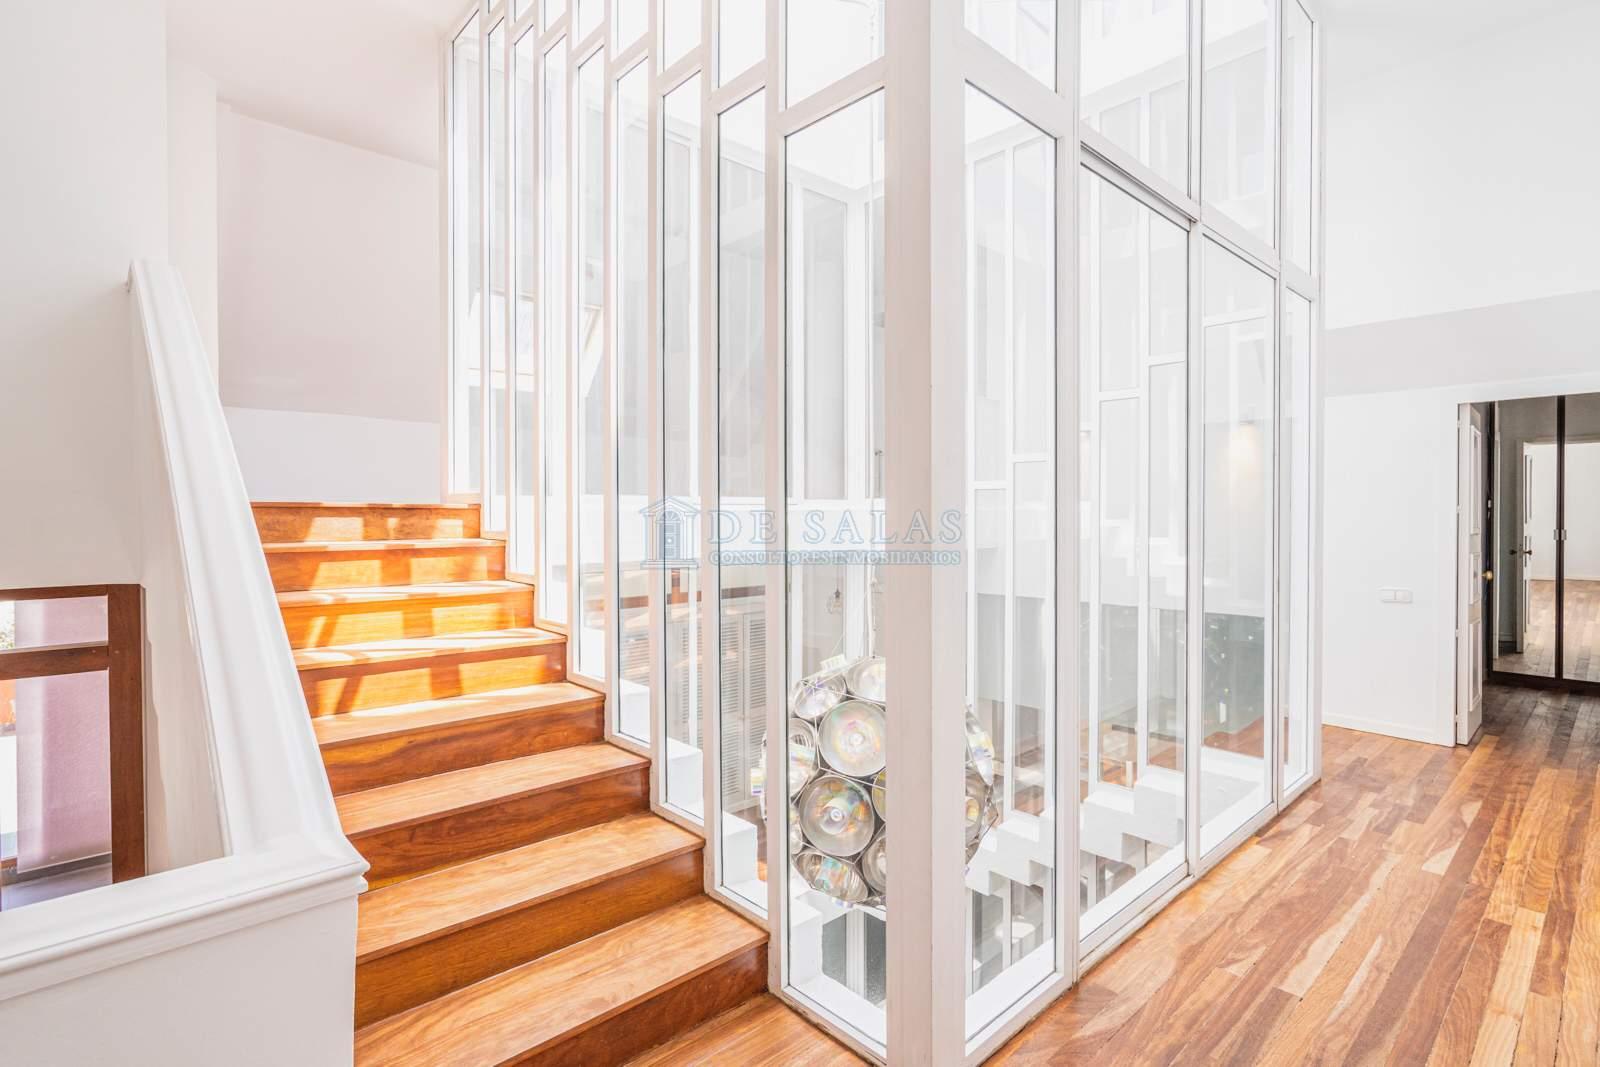 Escalera-17 Maison La Moraleja